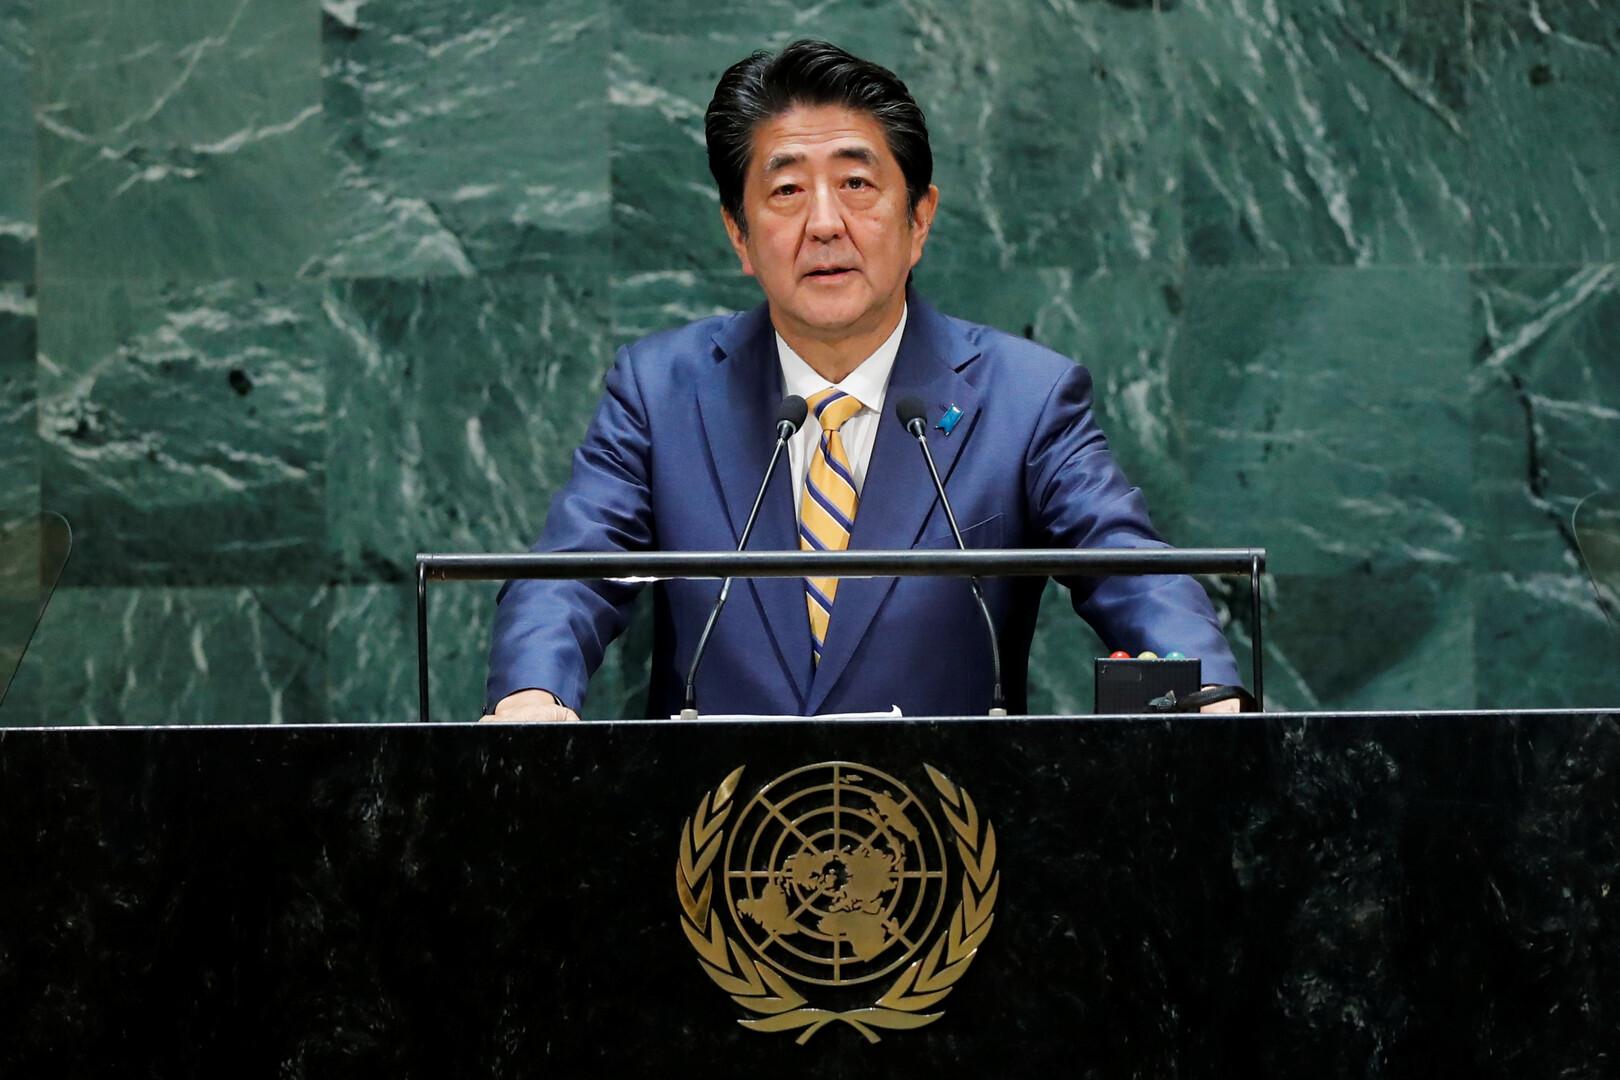 رئيس وزراء اليابان شينزو آبي